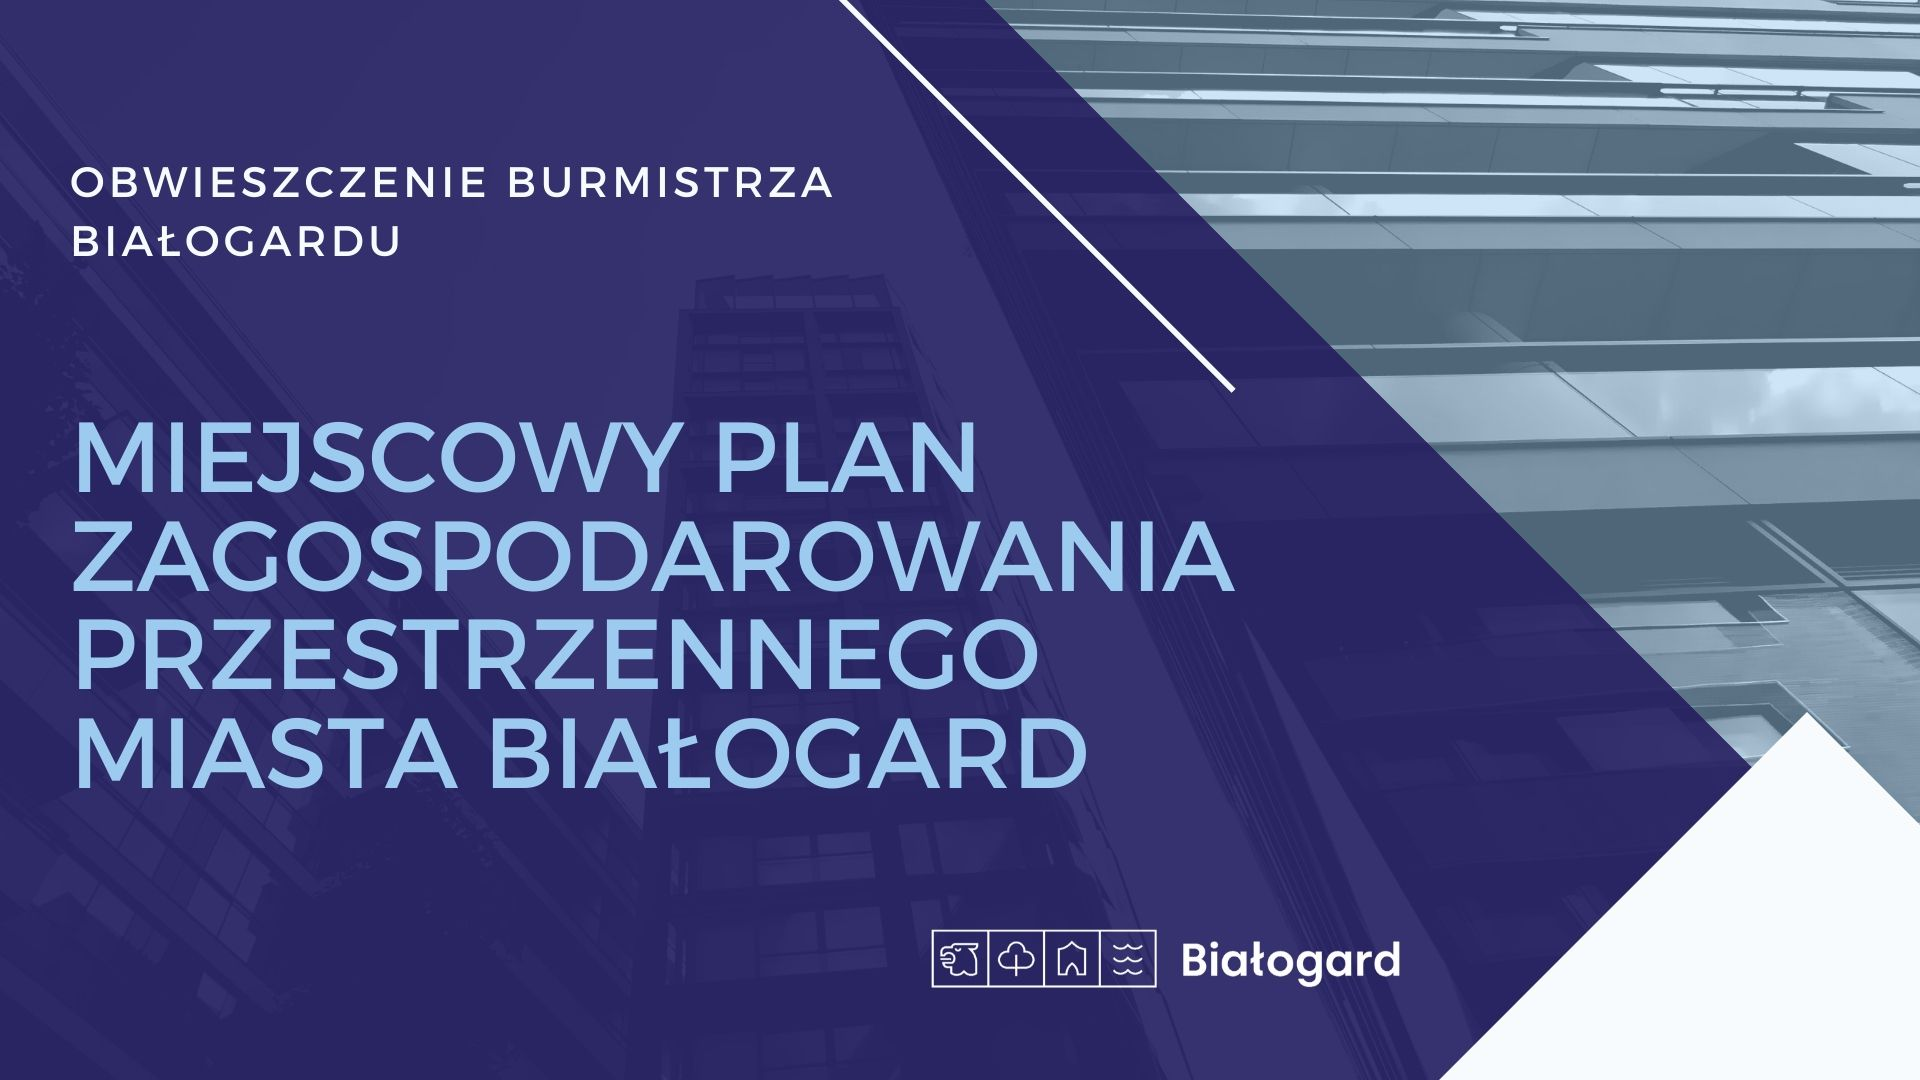 Obwieszczenie Burmistrza, Miasto Białogard